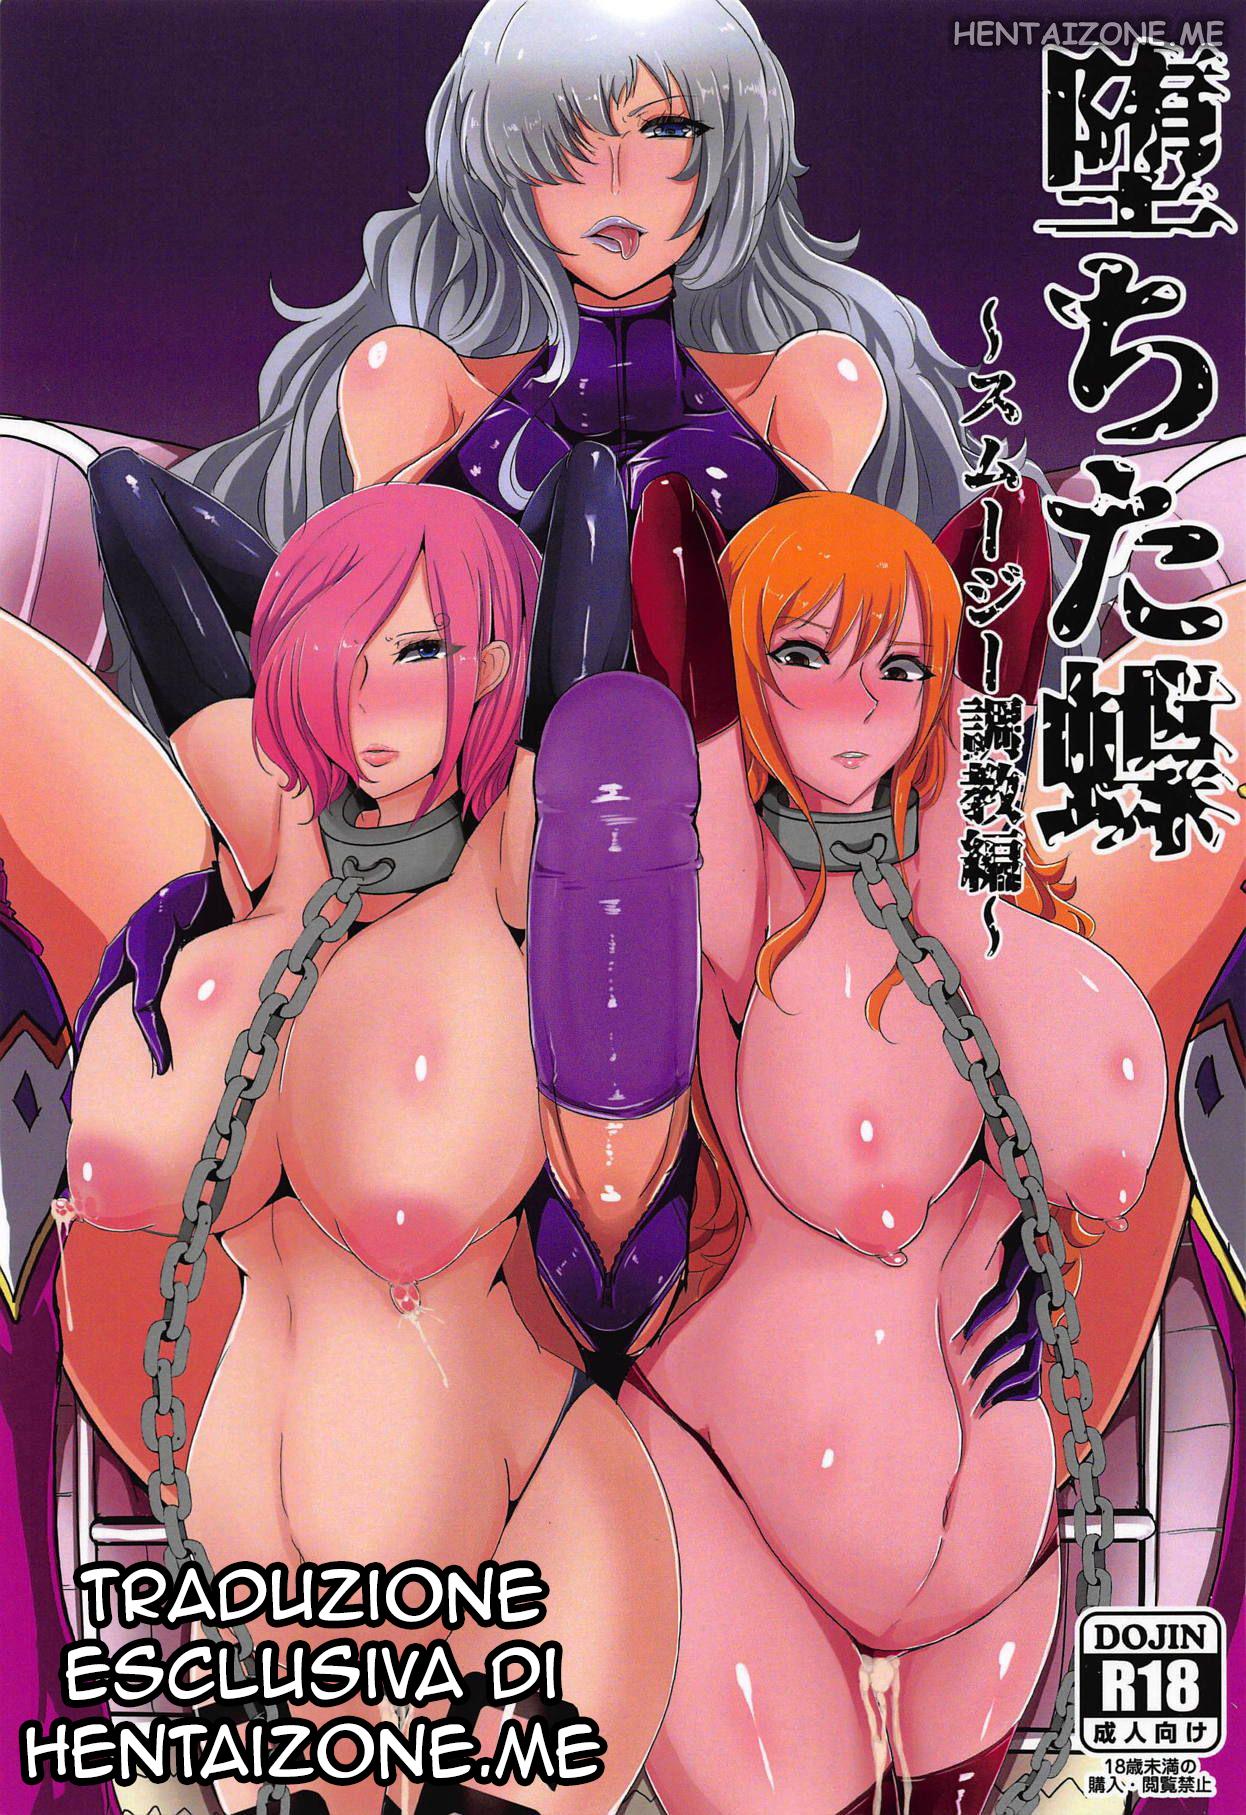 One piece hentai fummeto porno di one piece nami viene cattuata da big mama e diventa la sua schiava sessuale